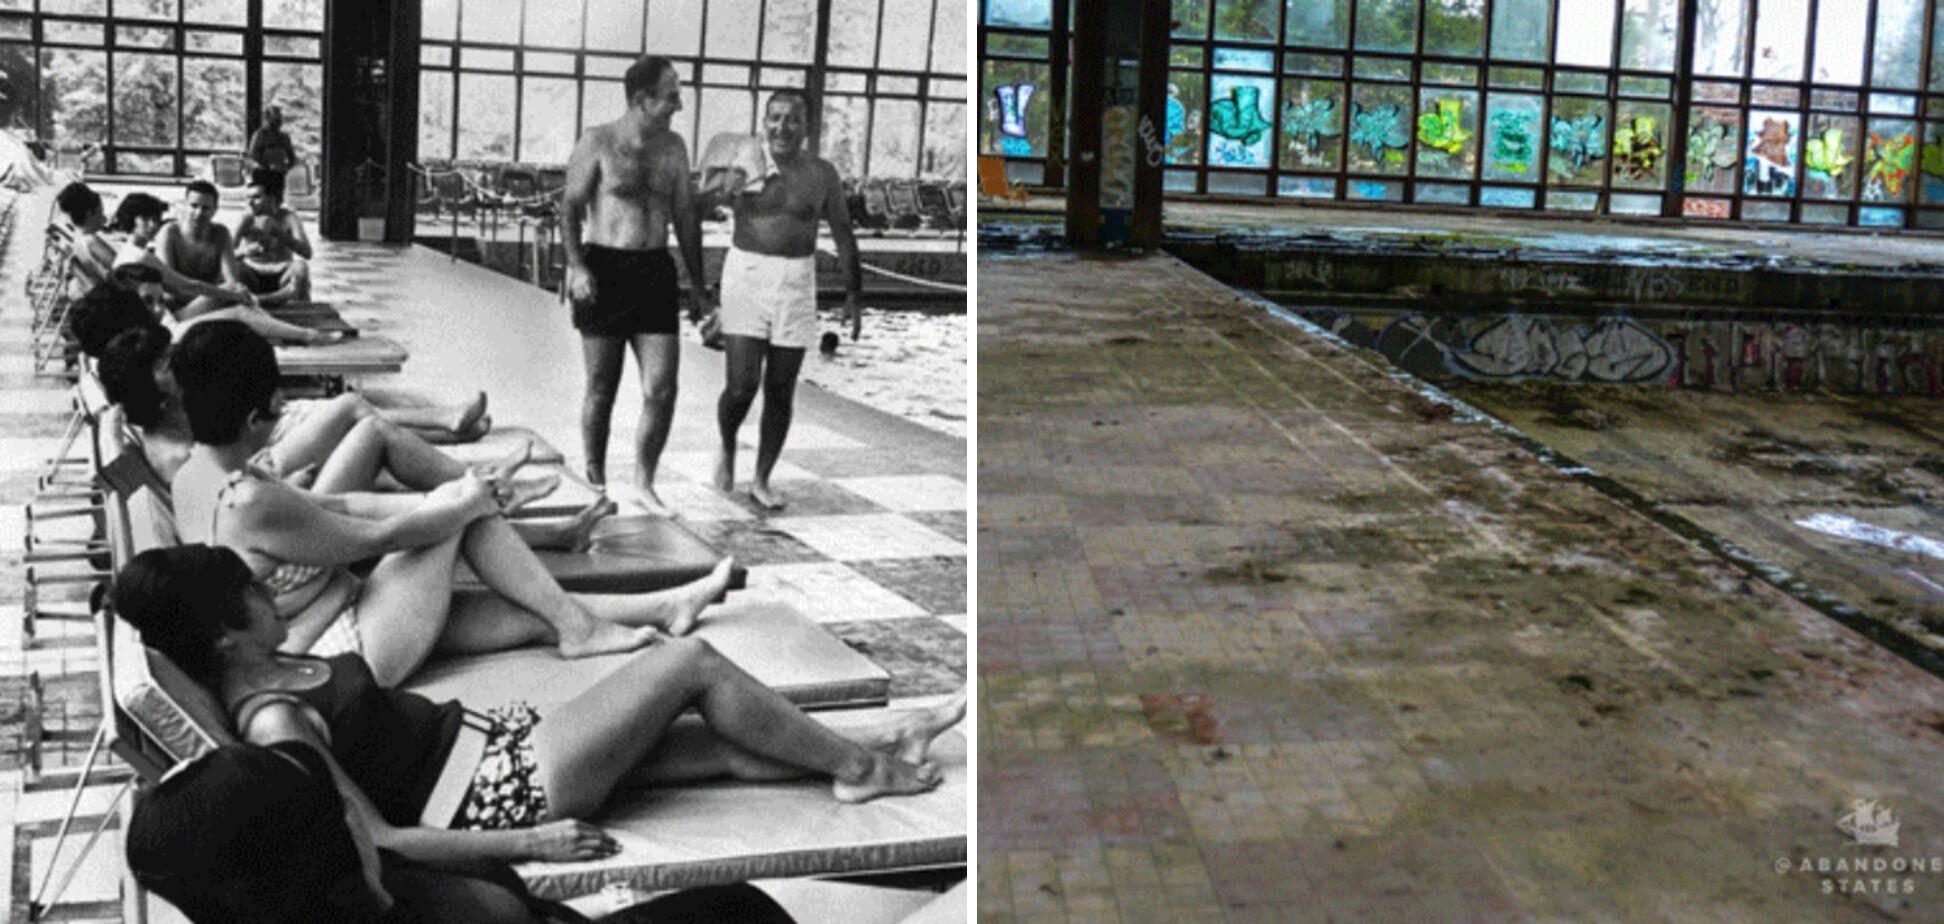 Часть крытого бассейна в Grossinger, открытие которого посещала актриса Элизабет Тейлор